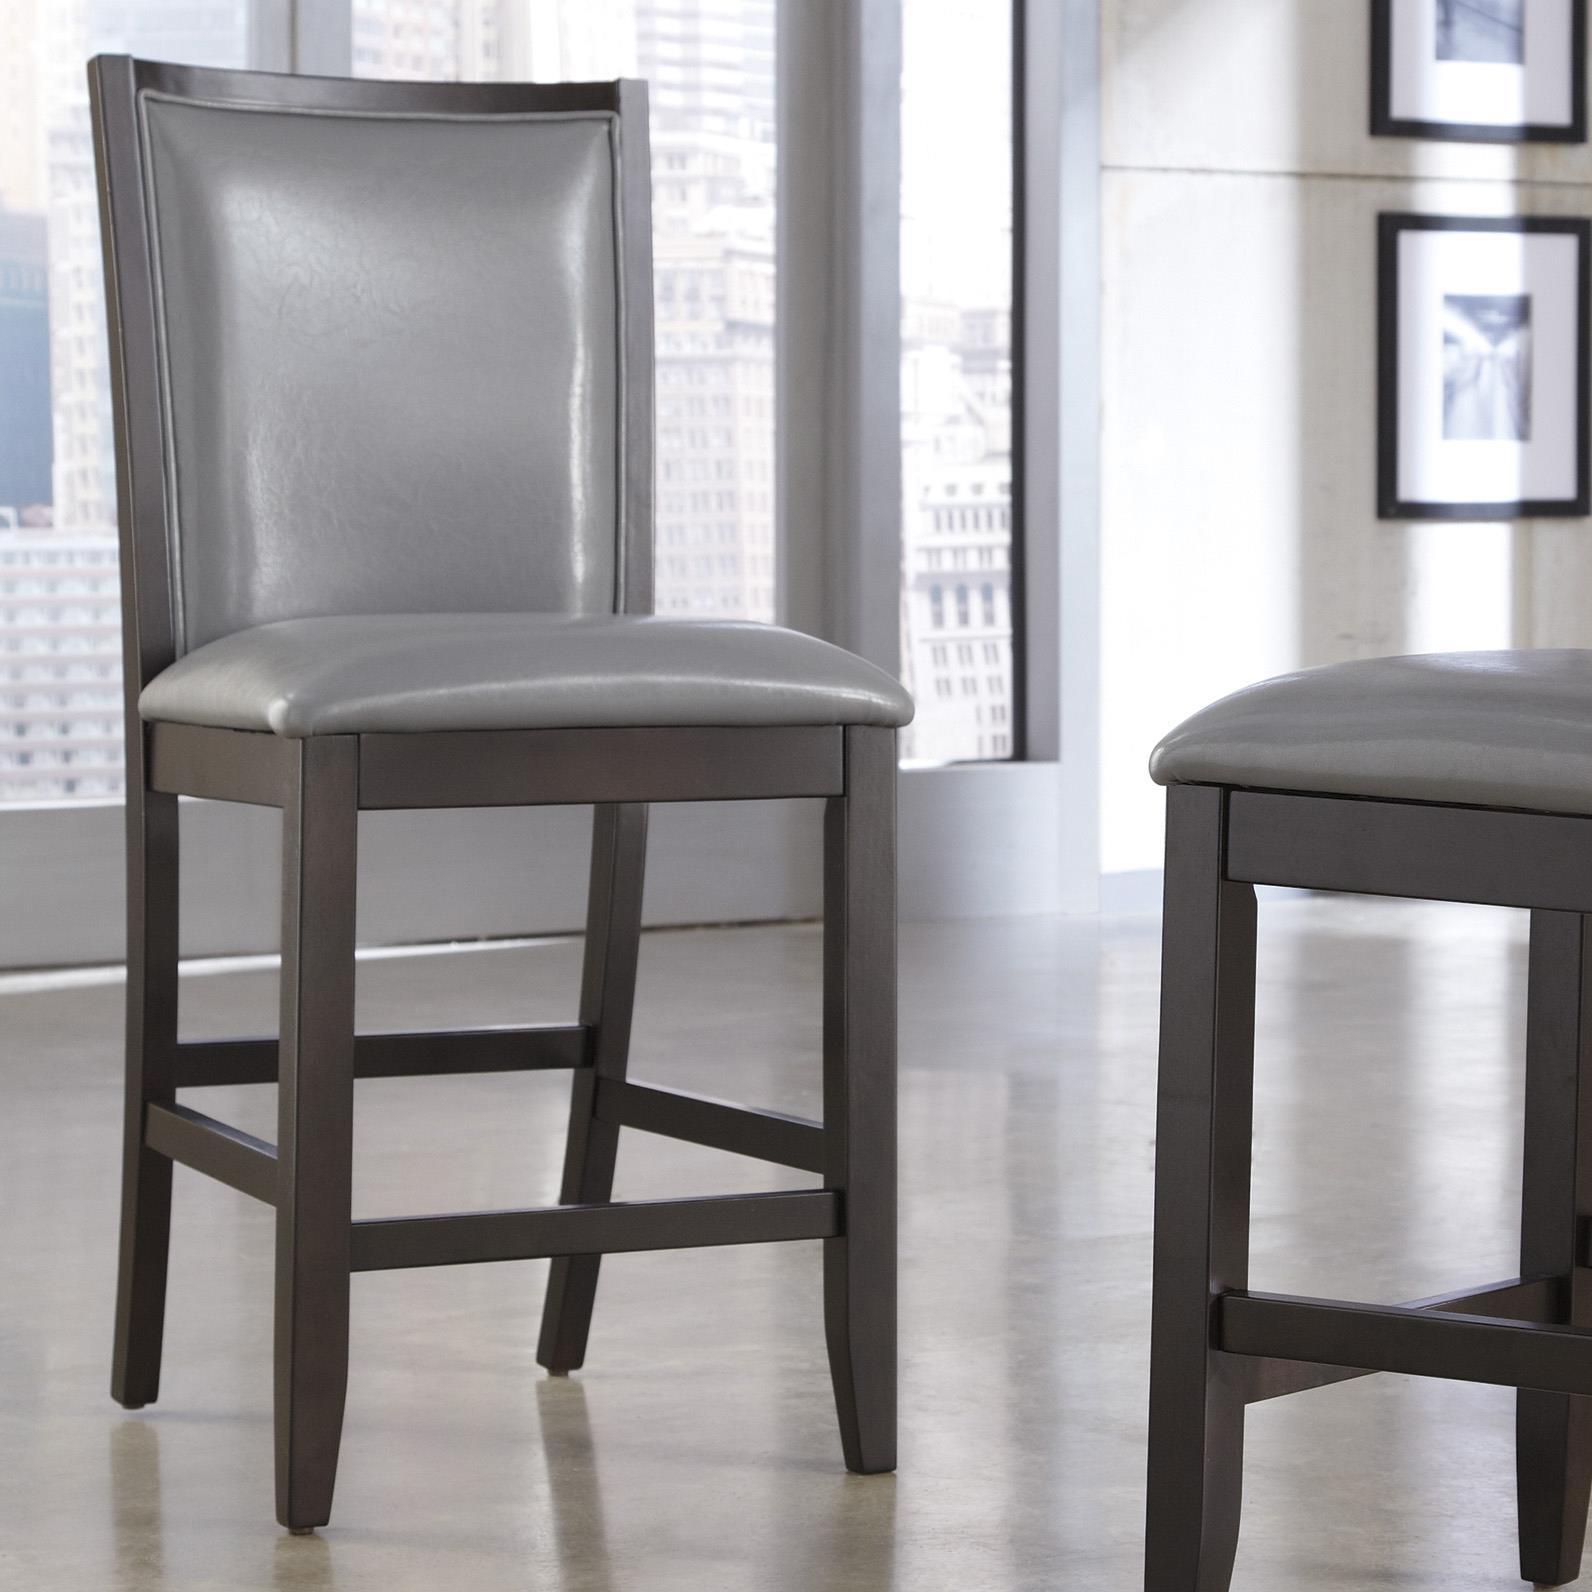 Ashley Furniture Trishelle Upholstered Barstool - Item Number: D550-524